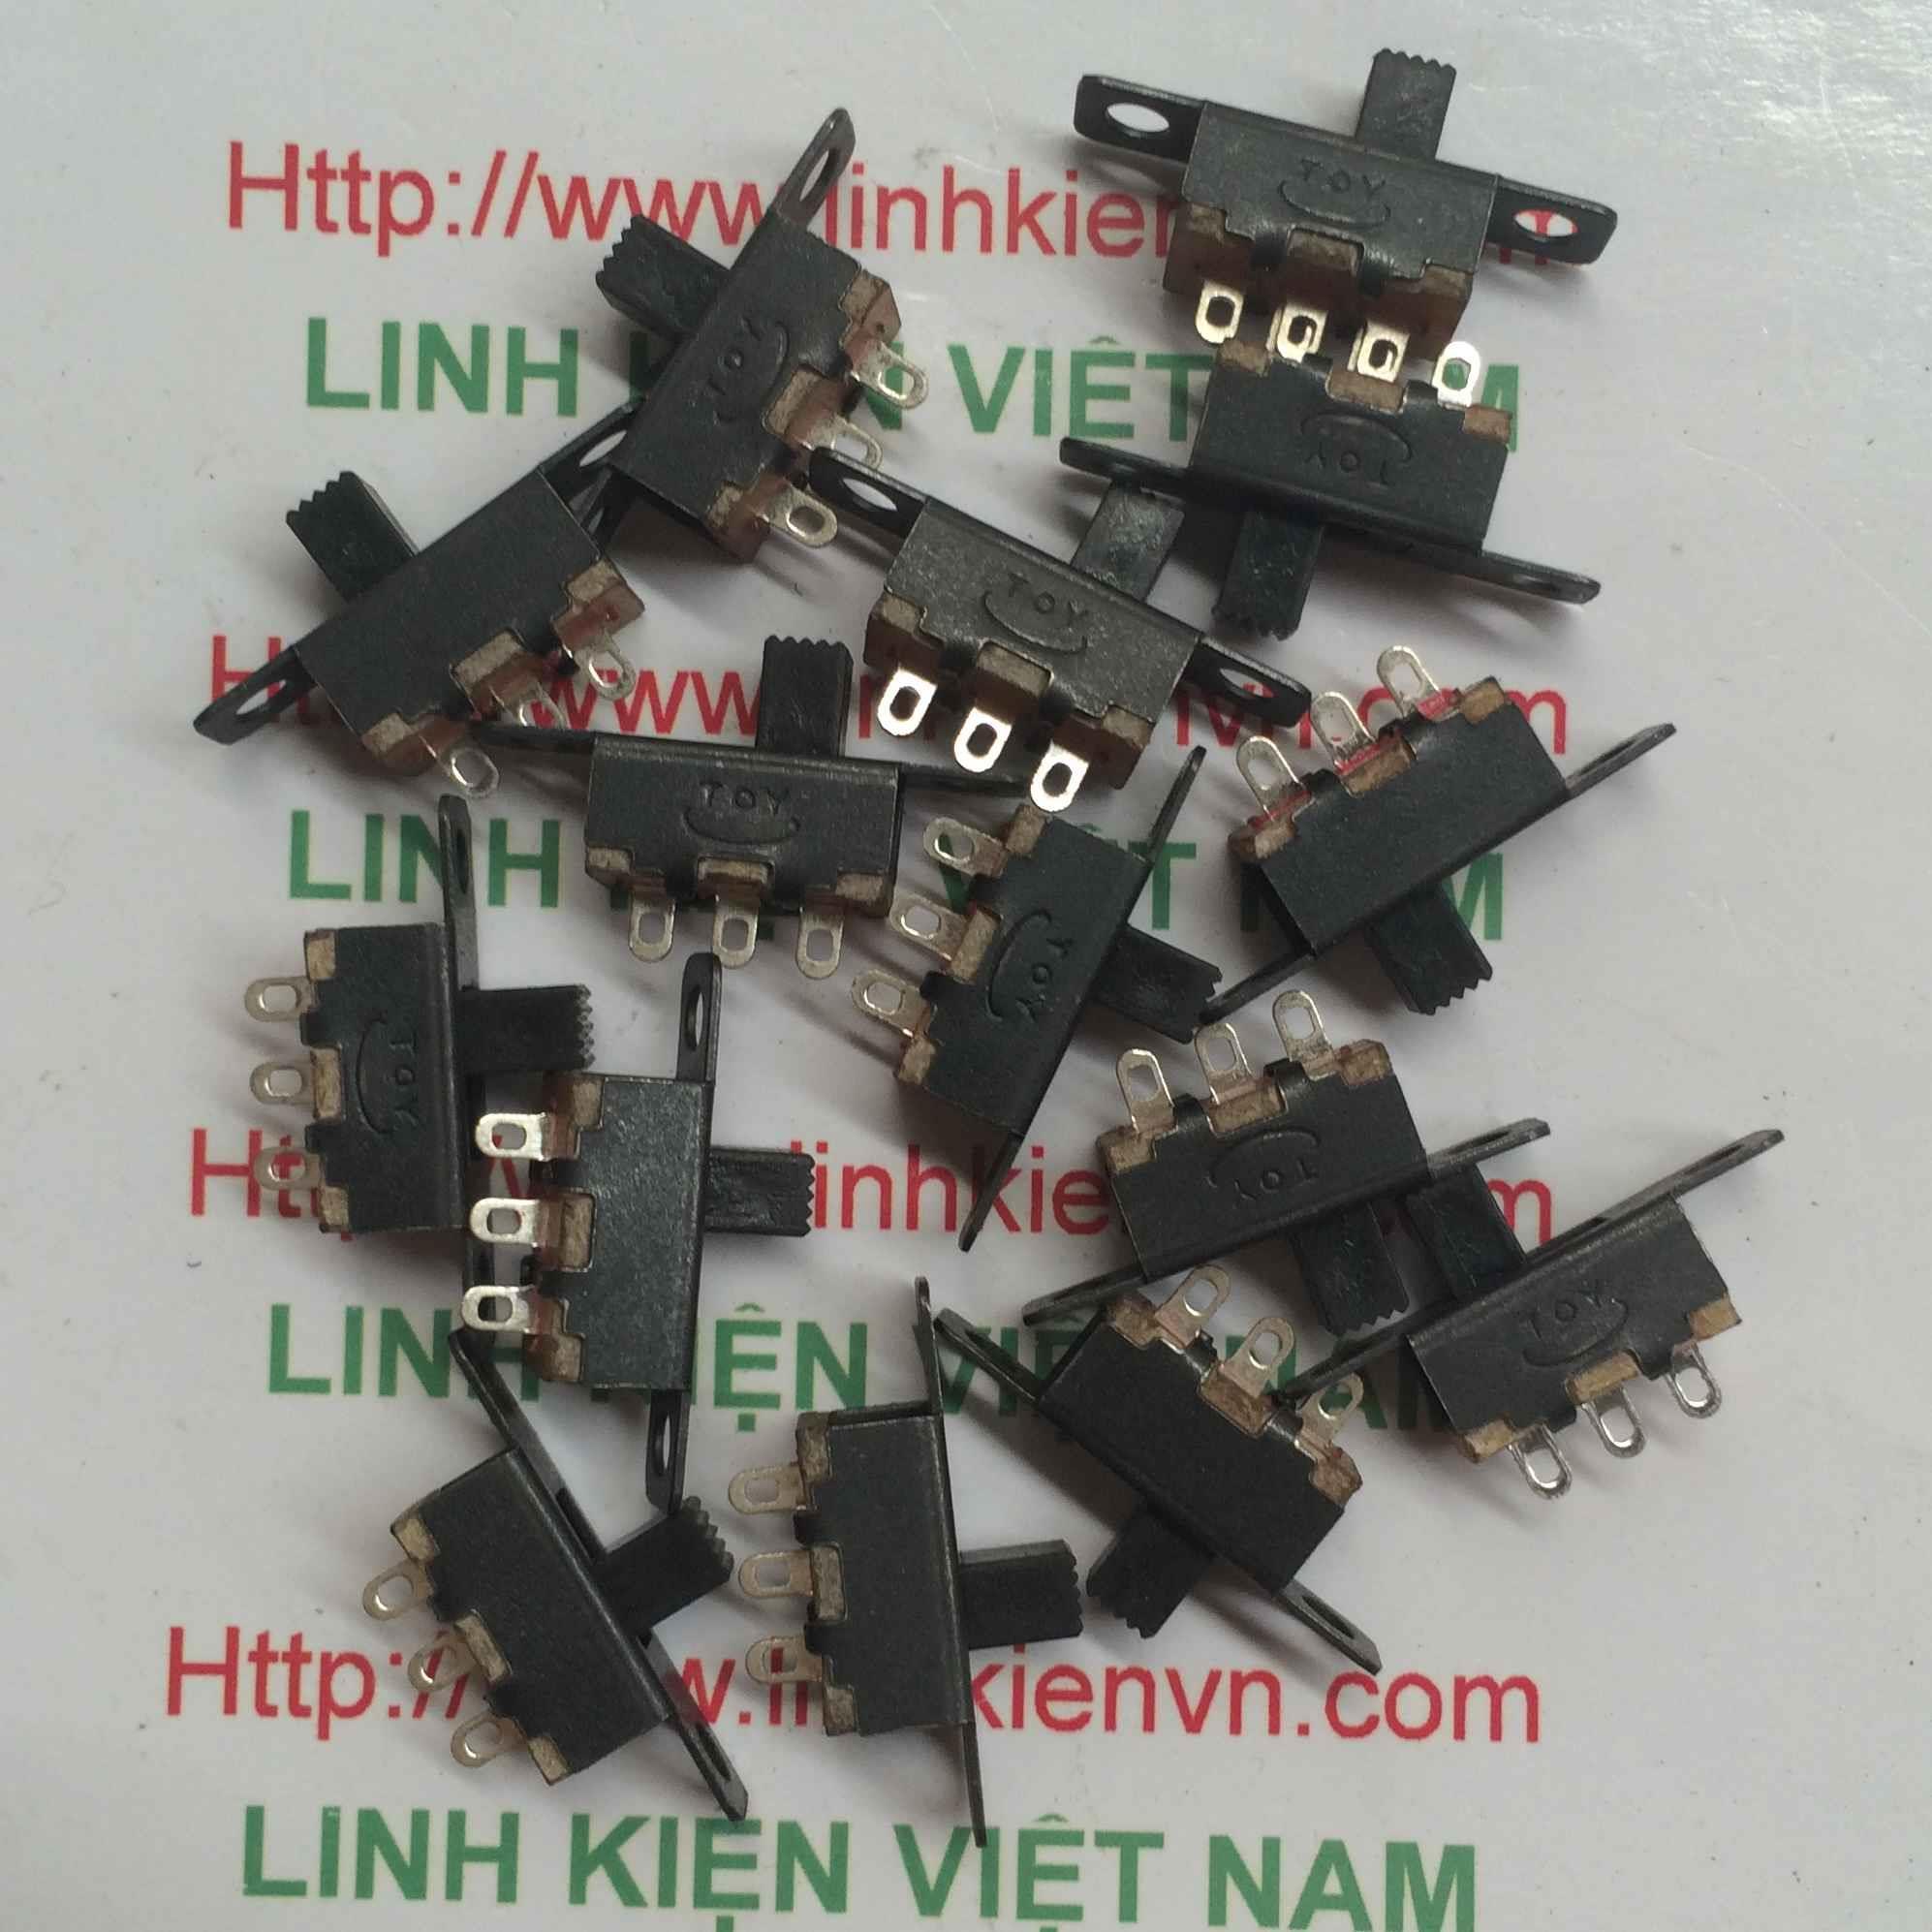 Công tắc gạt 3P 2.54mm/ Công tắc gạt 3 pin SS12F15(1P2T) h=4mm - D3H5